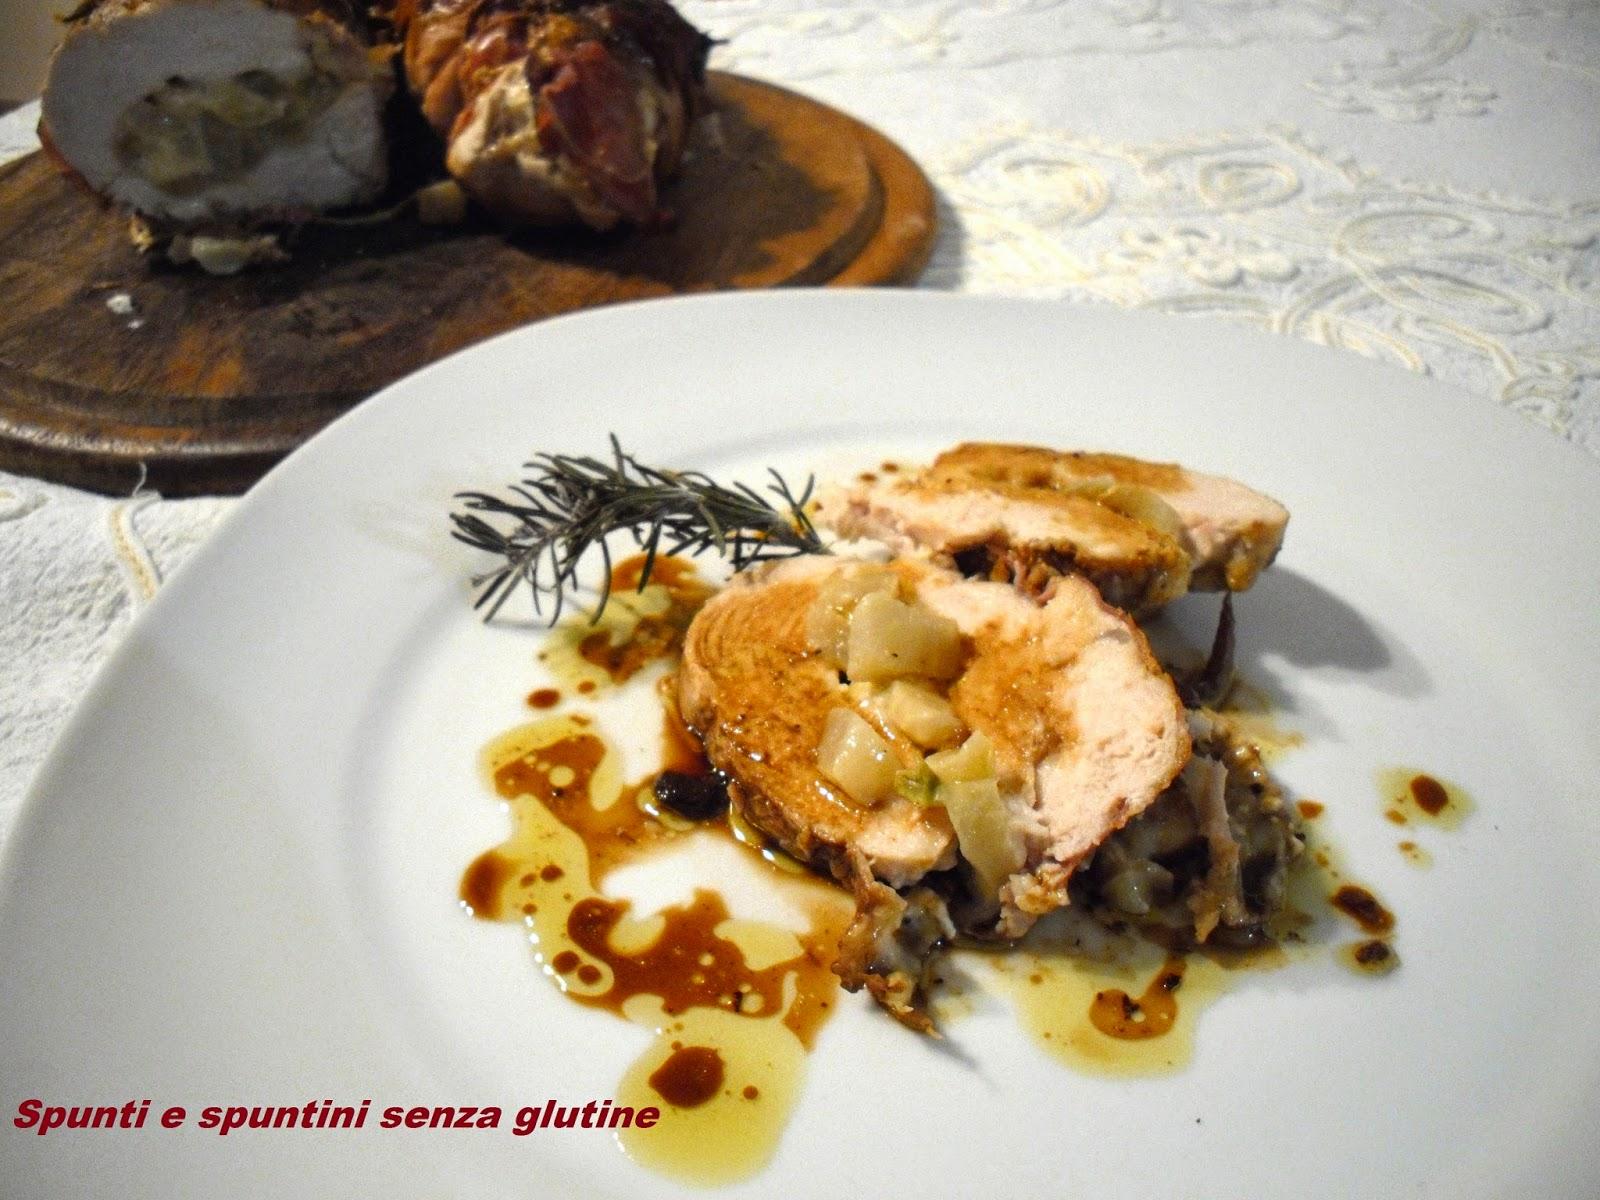 Petto di pollo ripieno delle spuntine - Gluten Free Travel & Living